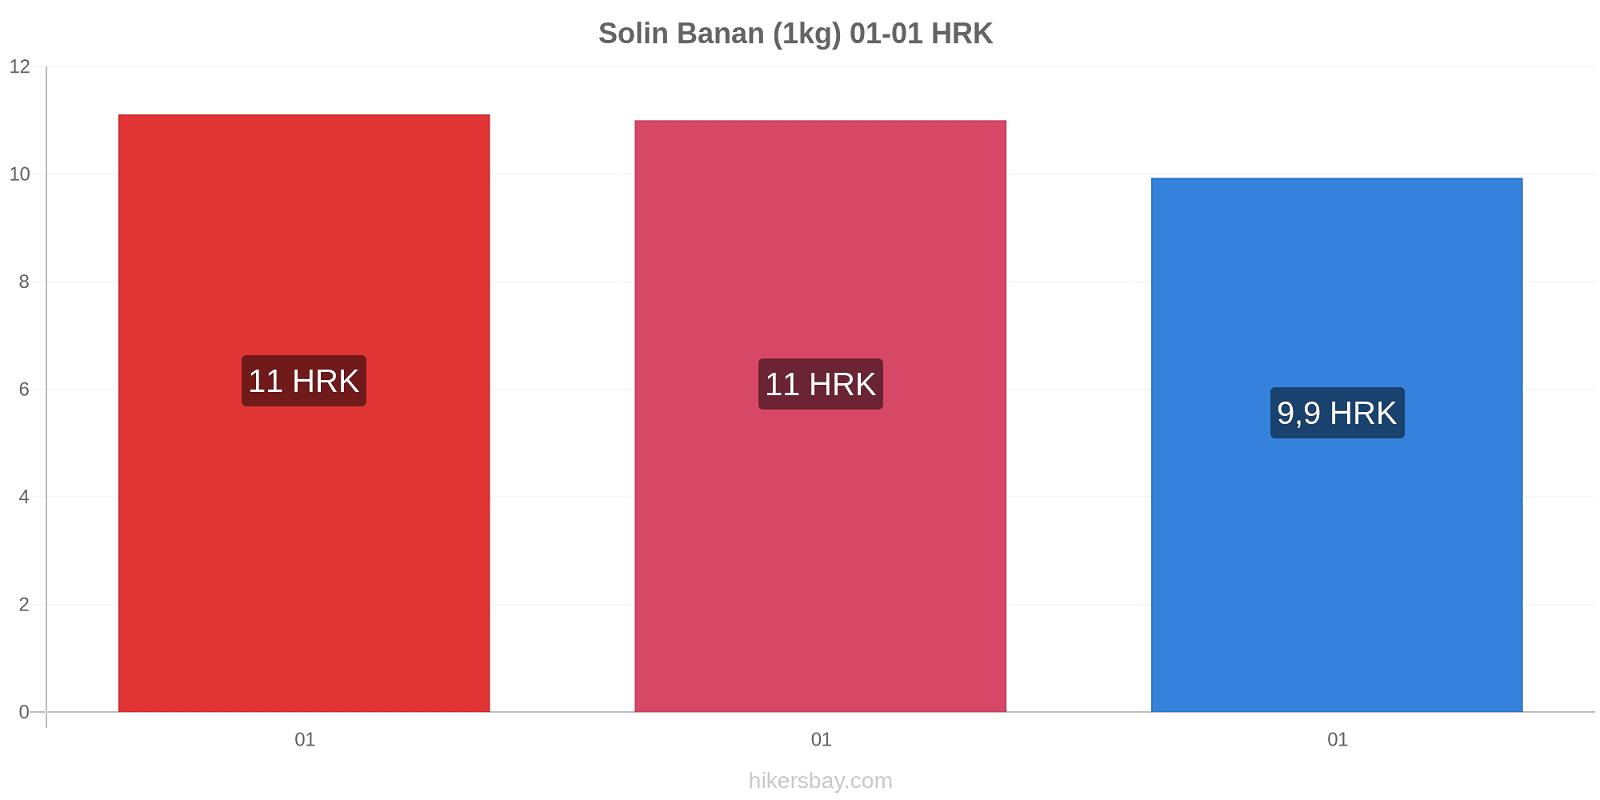 Solin prisförändringar Banan (1kg) hikersbay.com